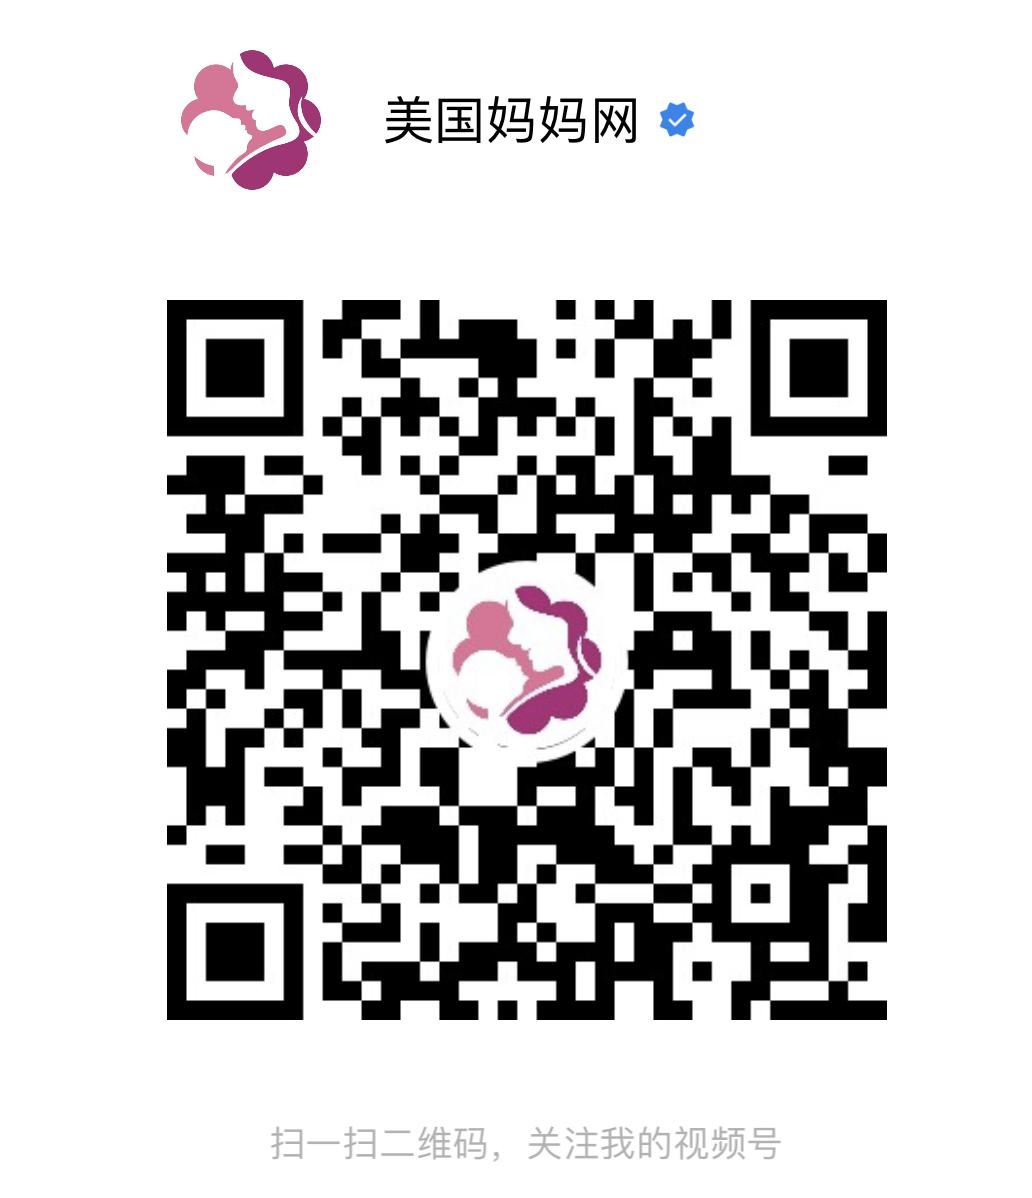 中华文化免费公益课